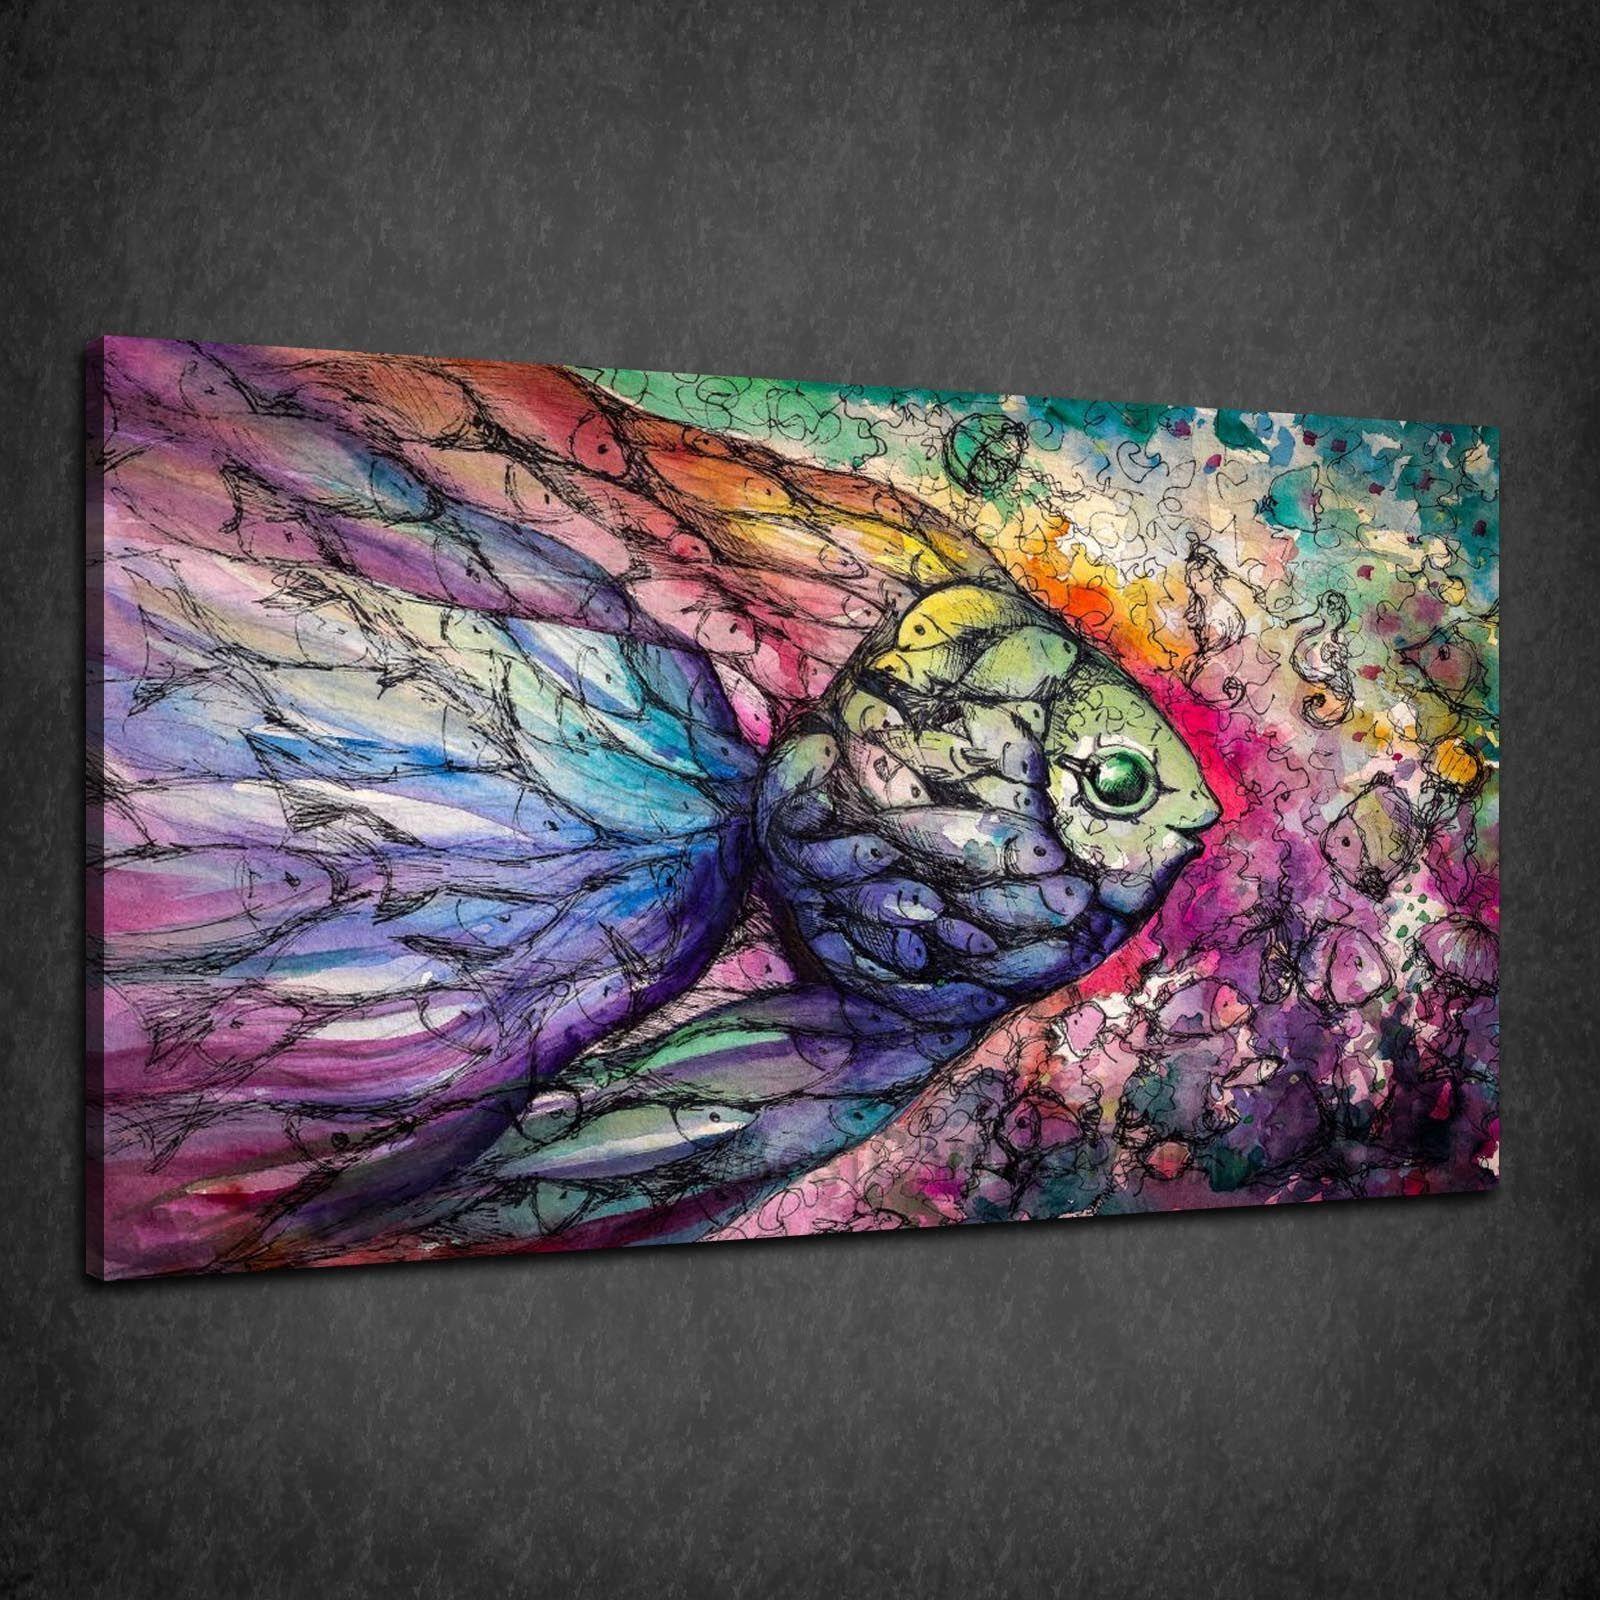 BELLISSIMO Pesce Astratto Coloreeato Collage Scatola Tela Stampa Wall Art Picture